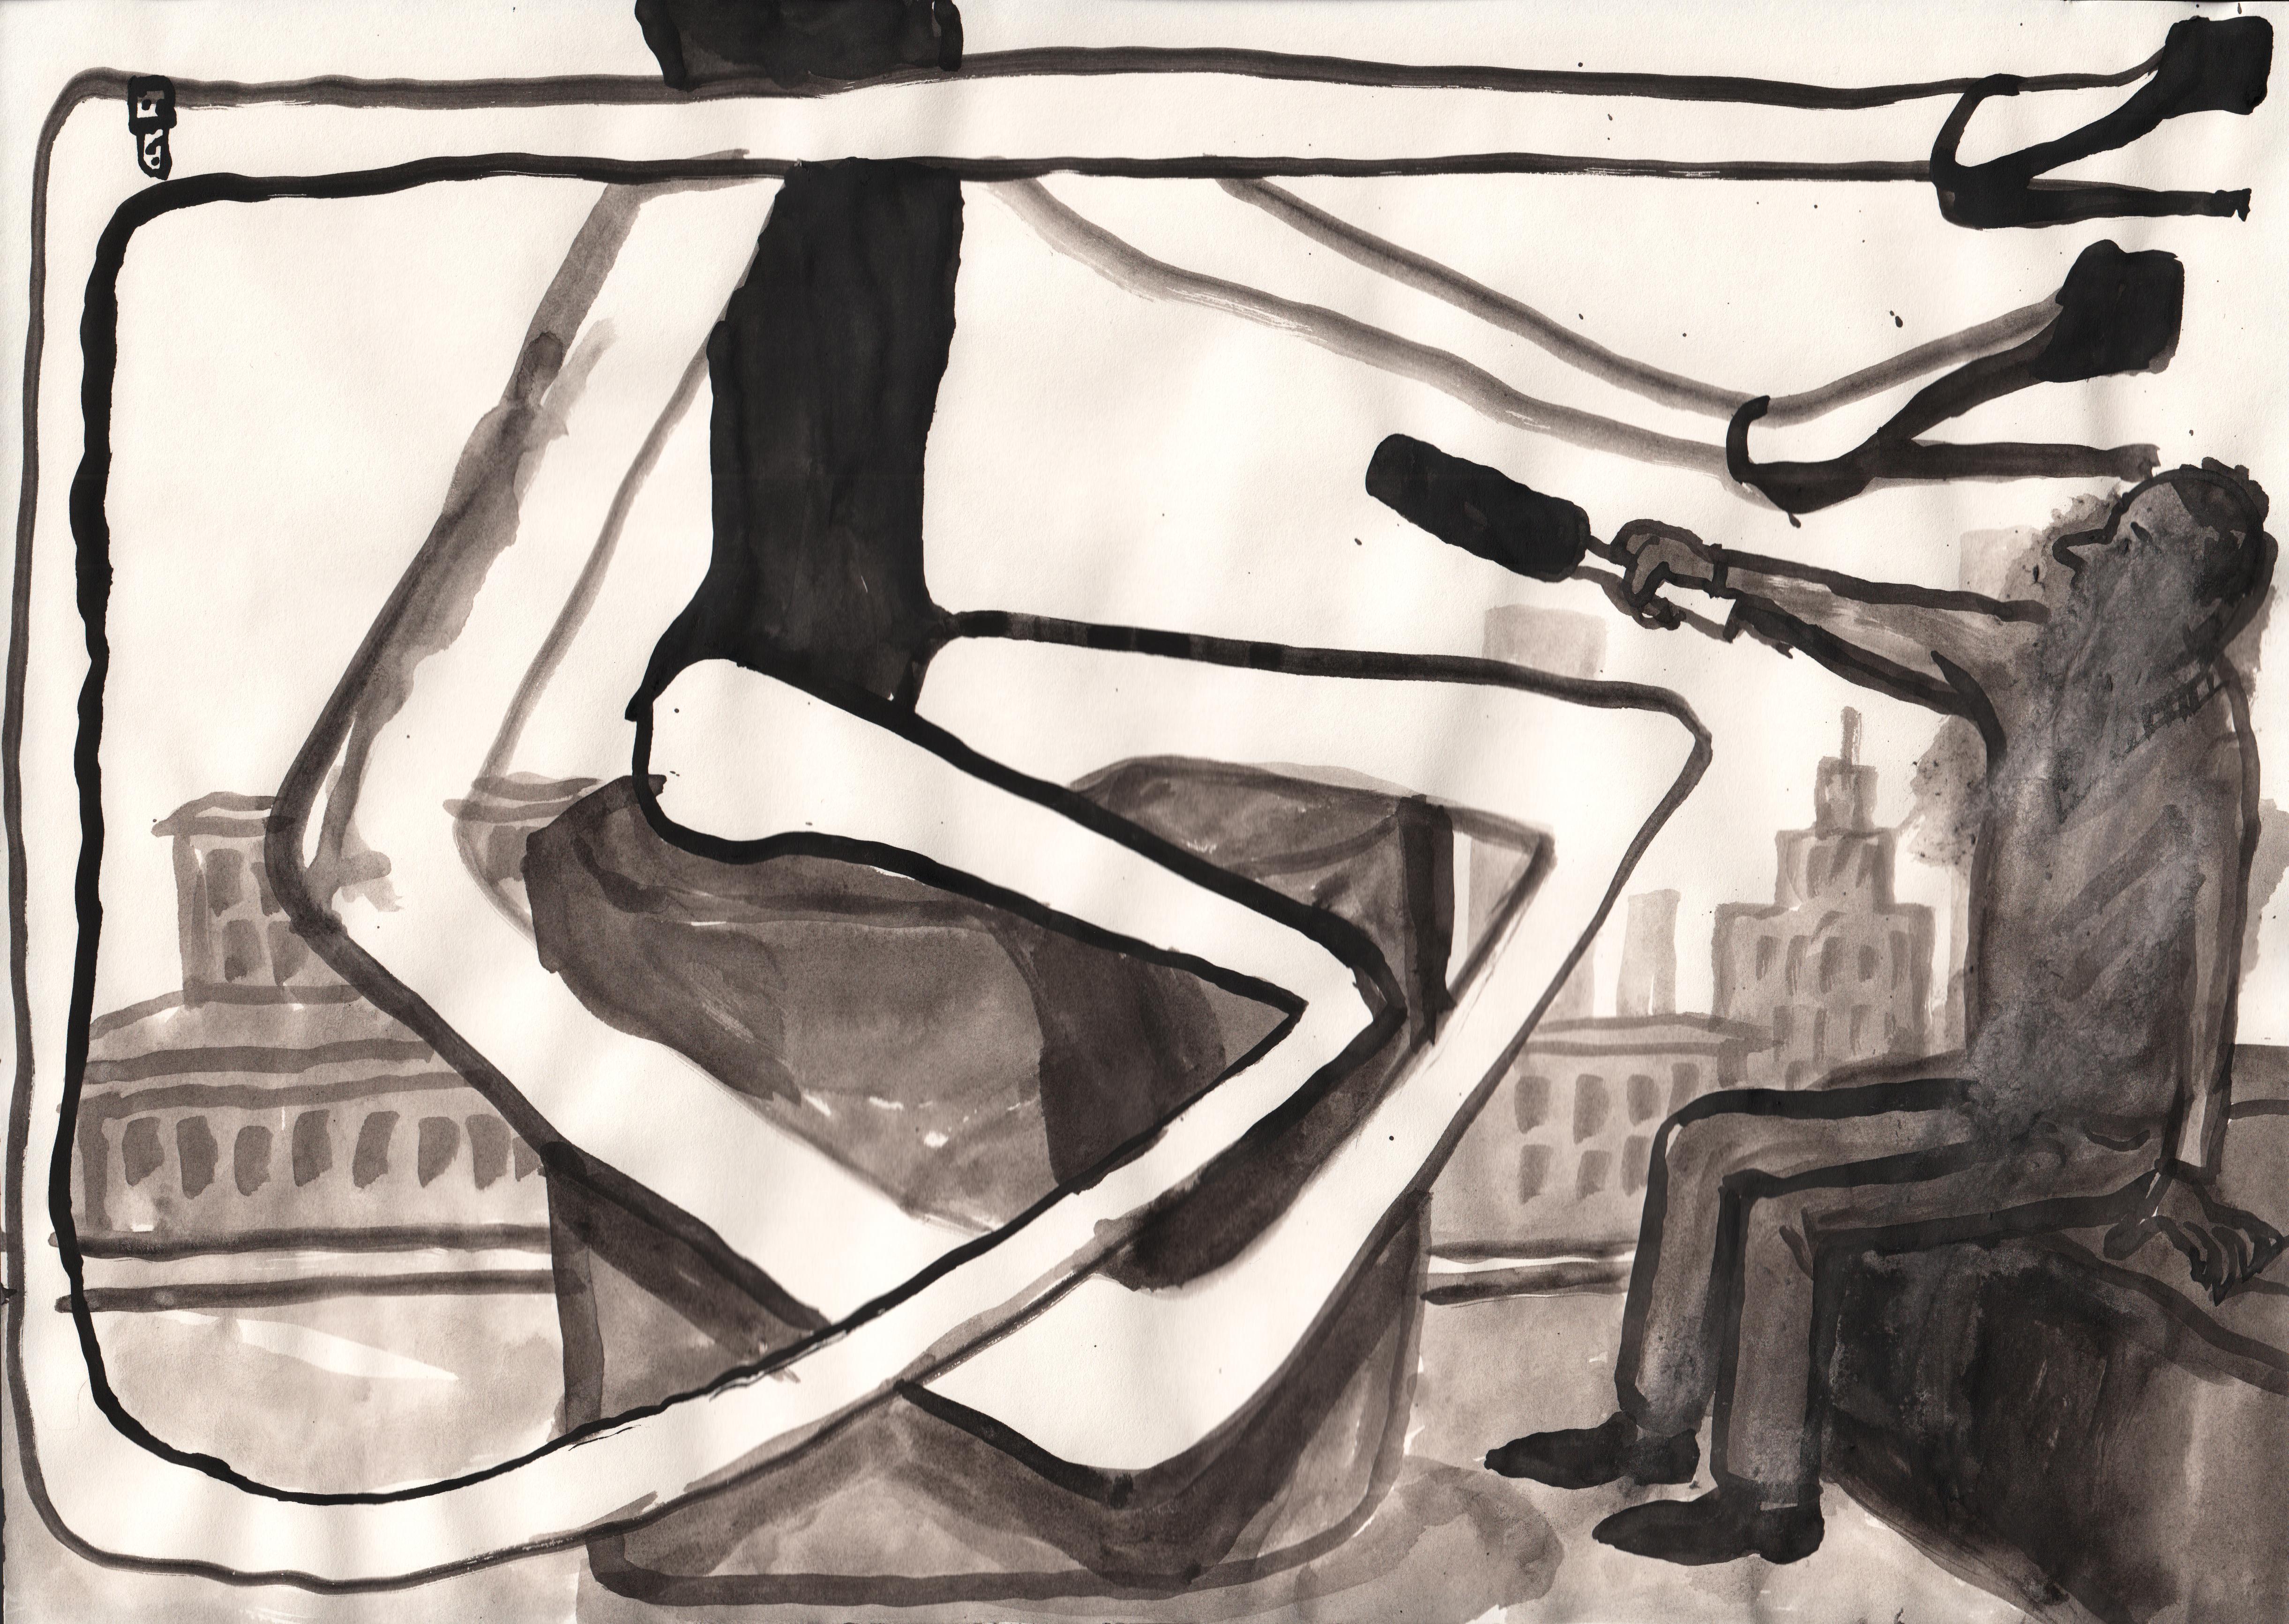 Zofia Gramz, Jak optycznie wydłużyć nogi iukryć niedostatki, 2015, dzięki uprzejmości artystki iGalerii Monopol